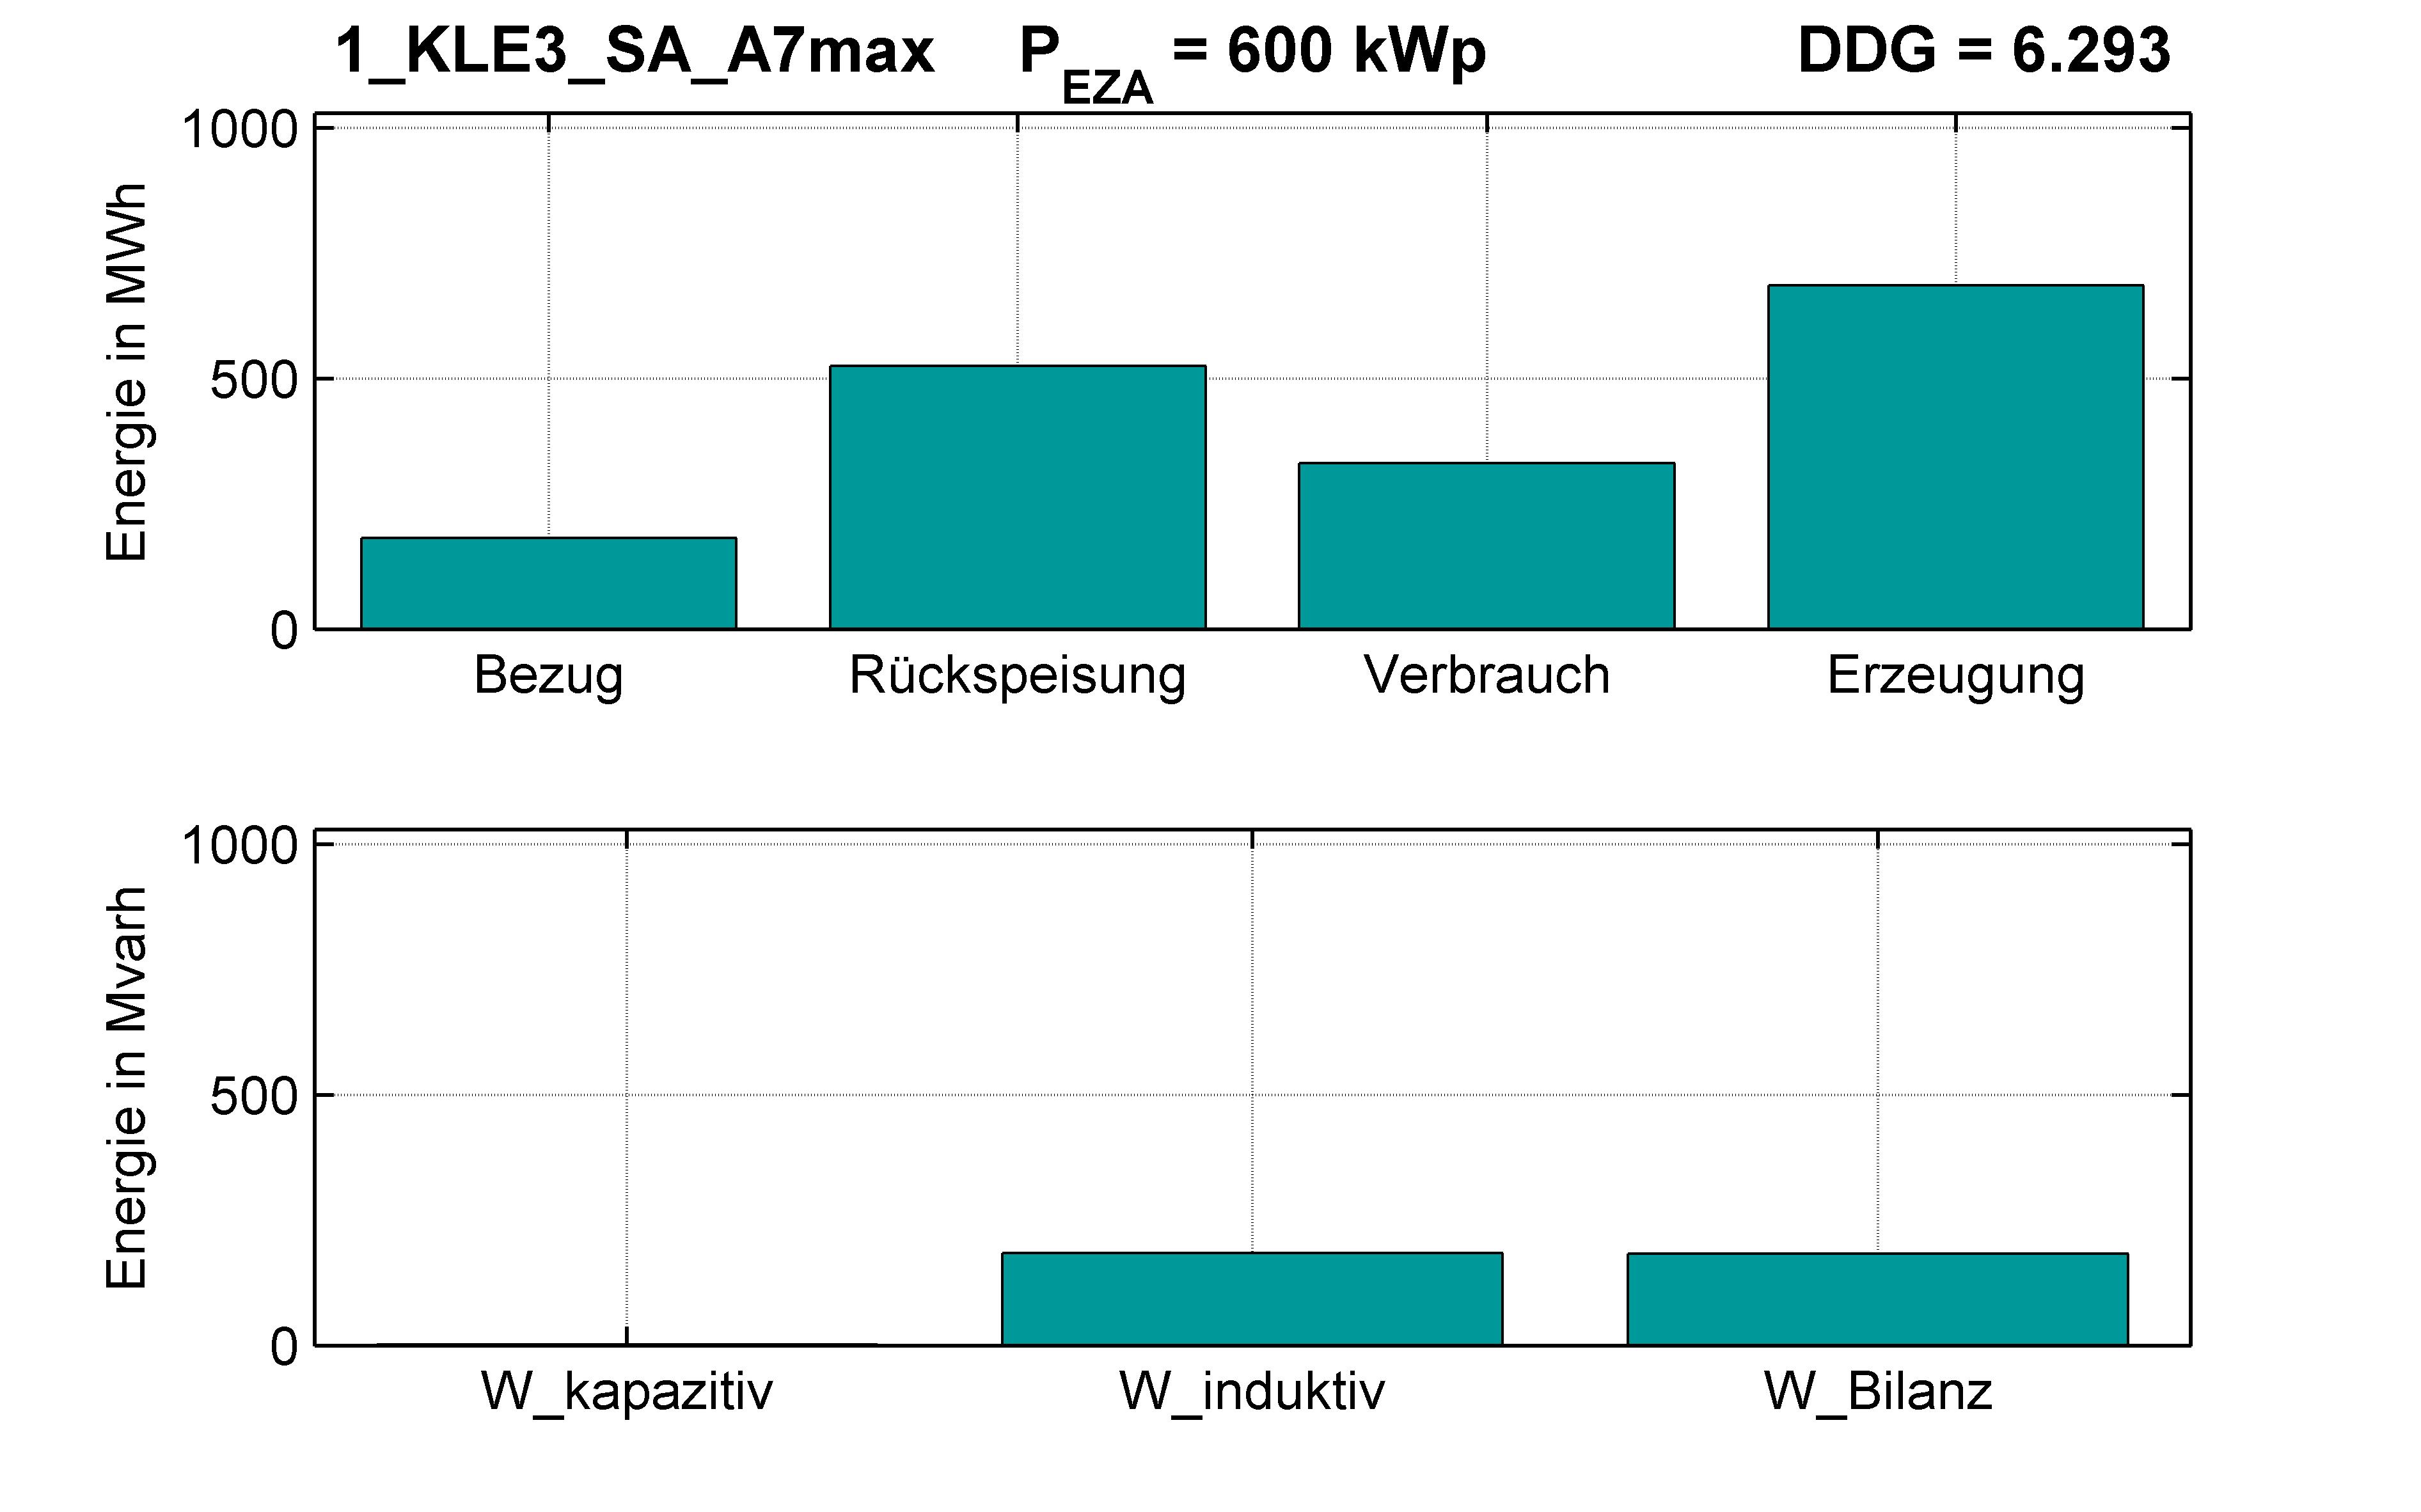 KLE3 | KABEL (SA) A7max | PQ-Bilanz